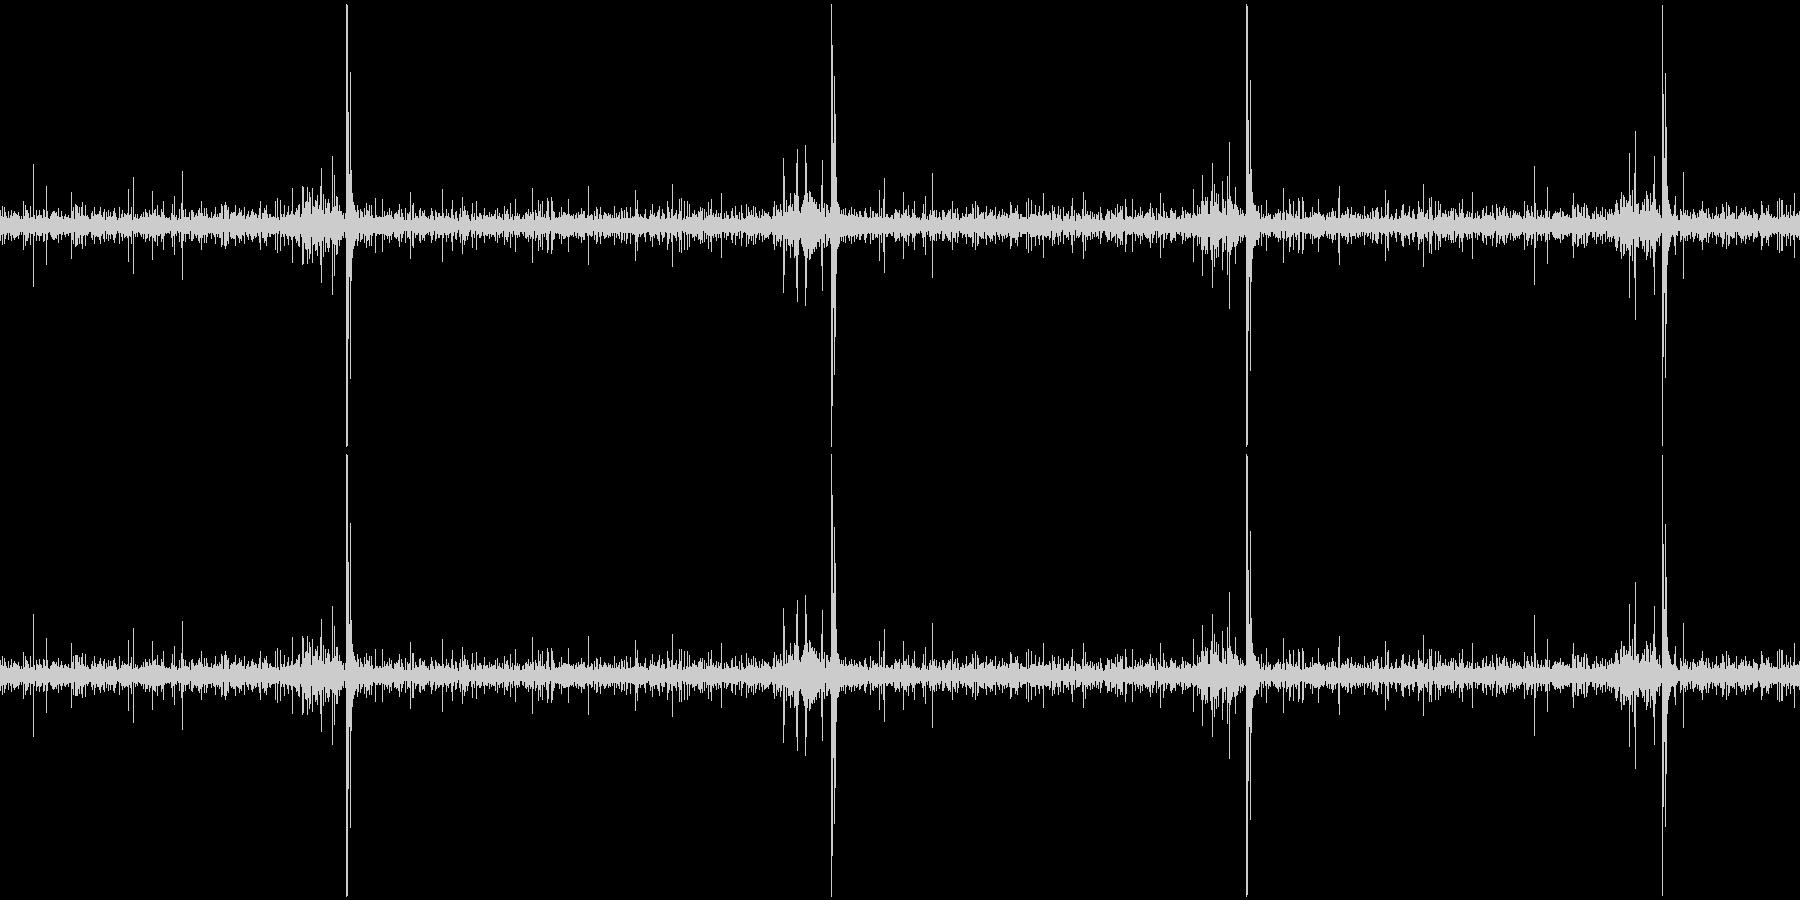 水流とししおどしの環境音(ループ)の未再生の波形